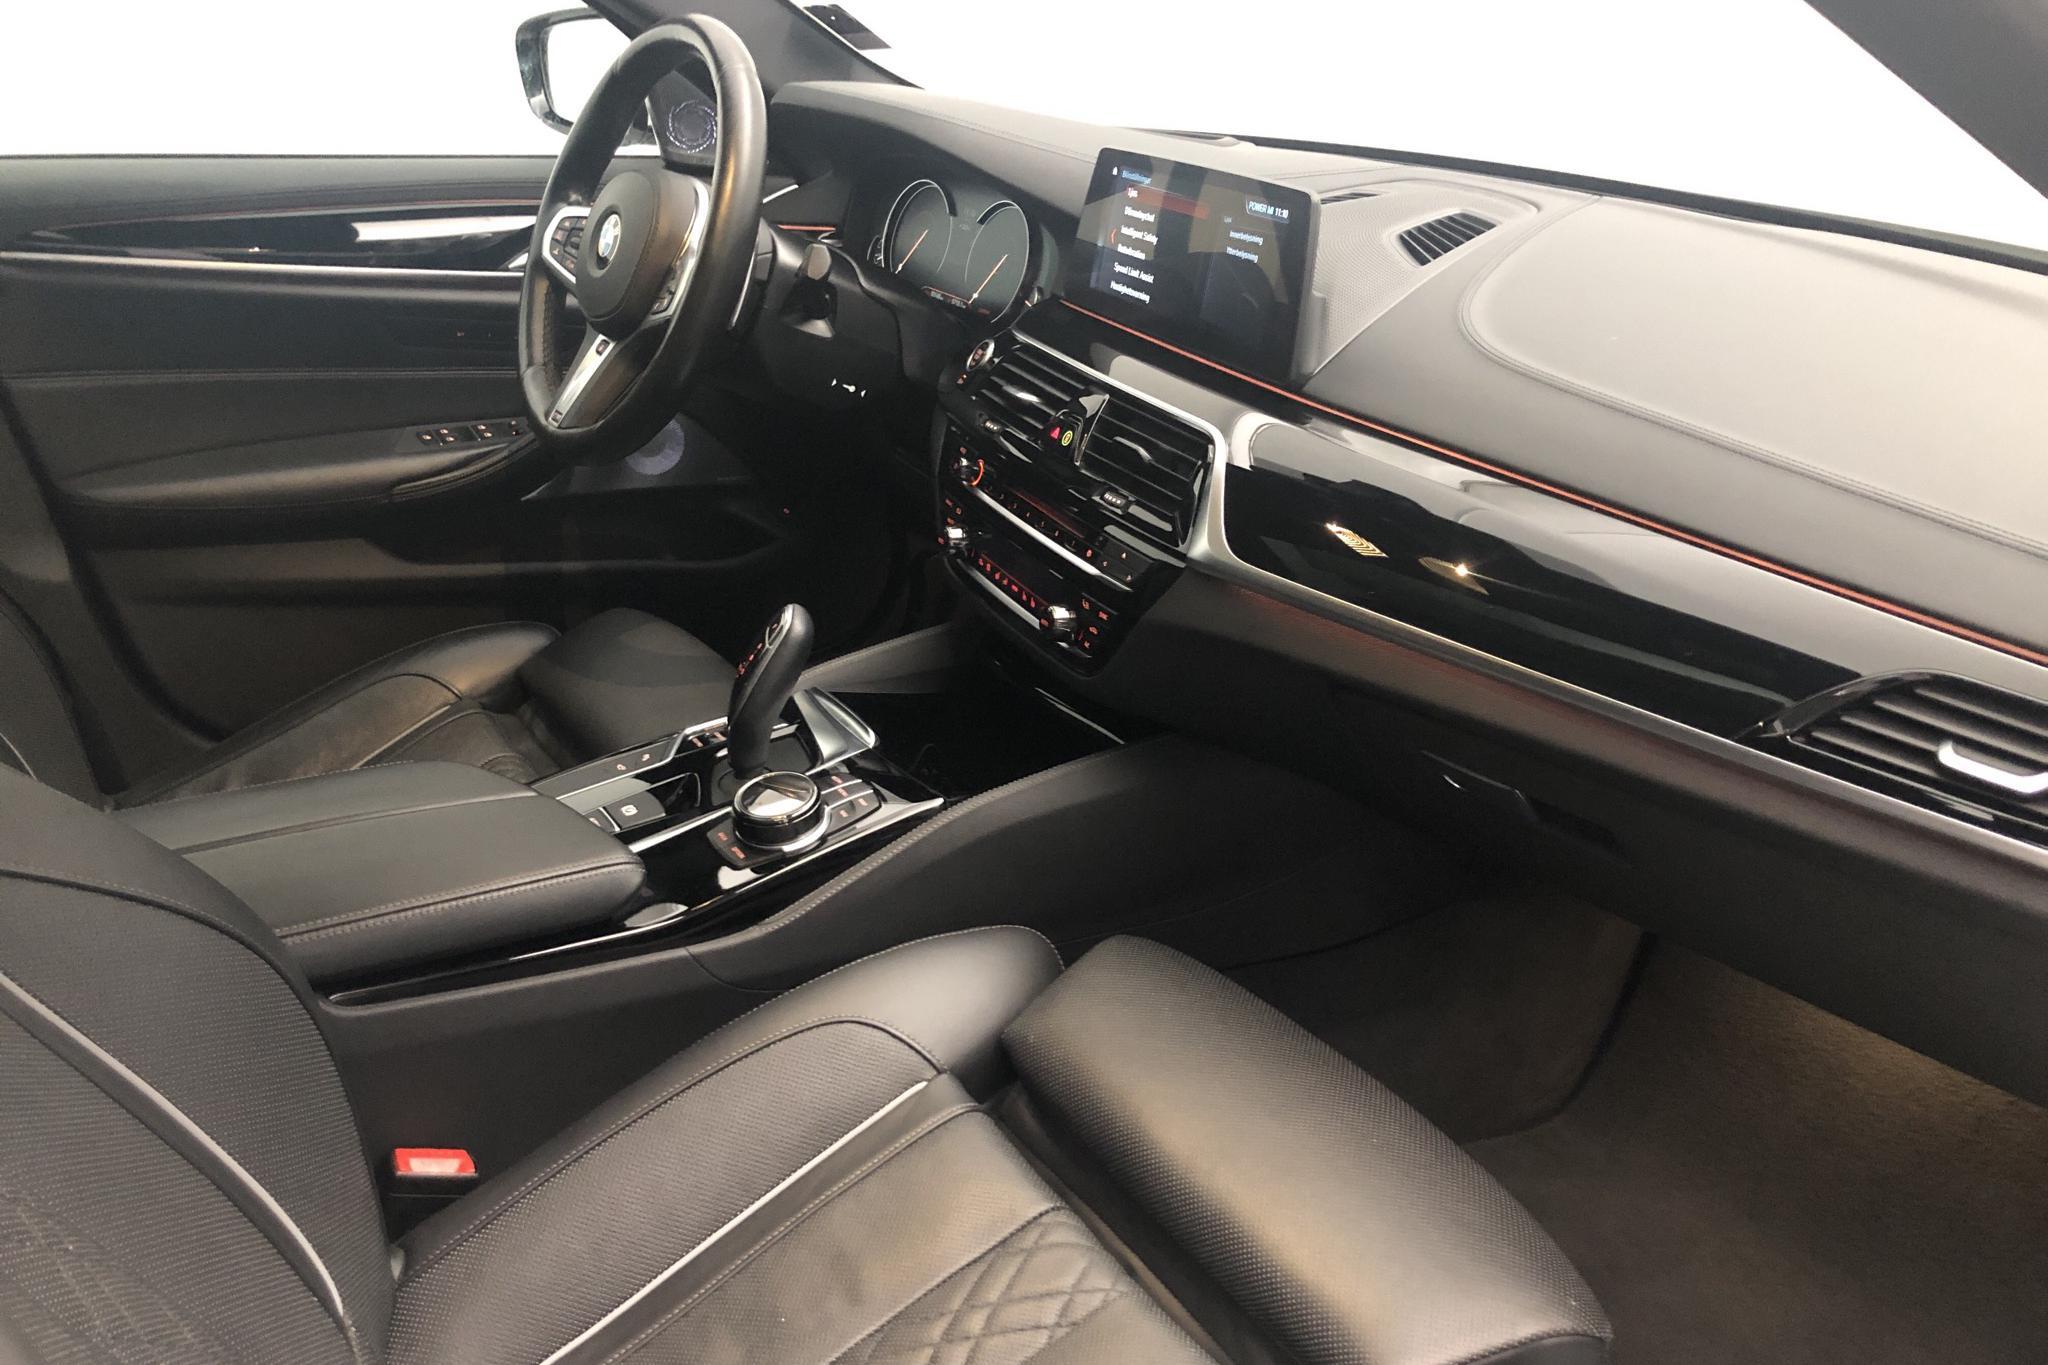 BMW 540d xDrive Touring, G31 (320hk) - 93 130 km - Automatic - white - 2018